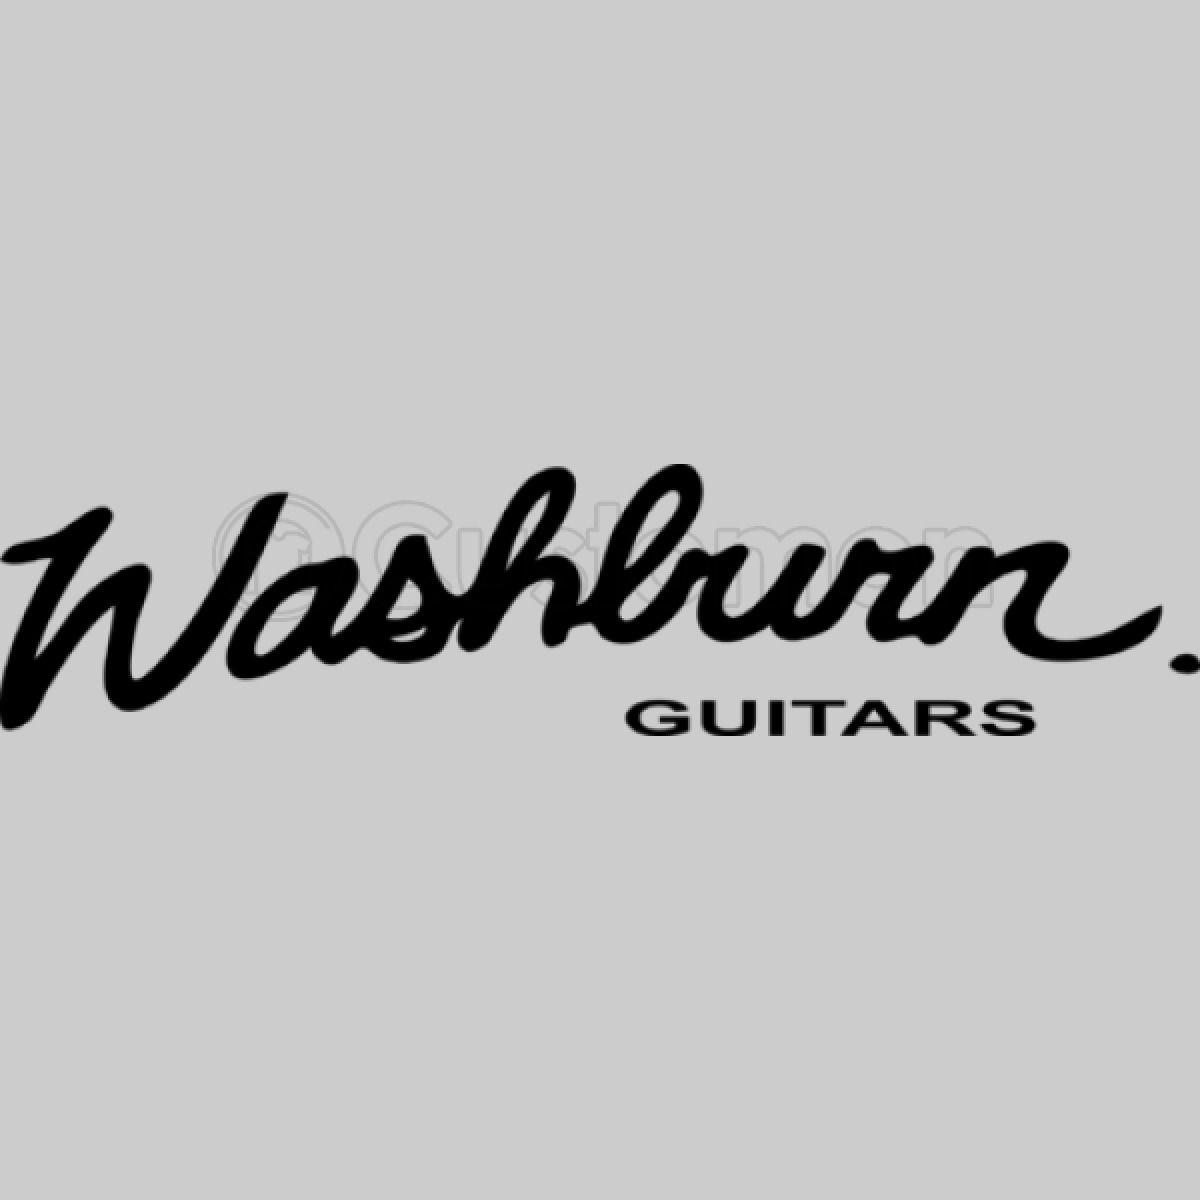 Washburn Guitars Logo Kids Tank Top - Customon